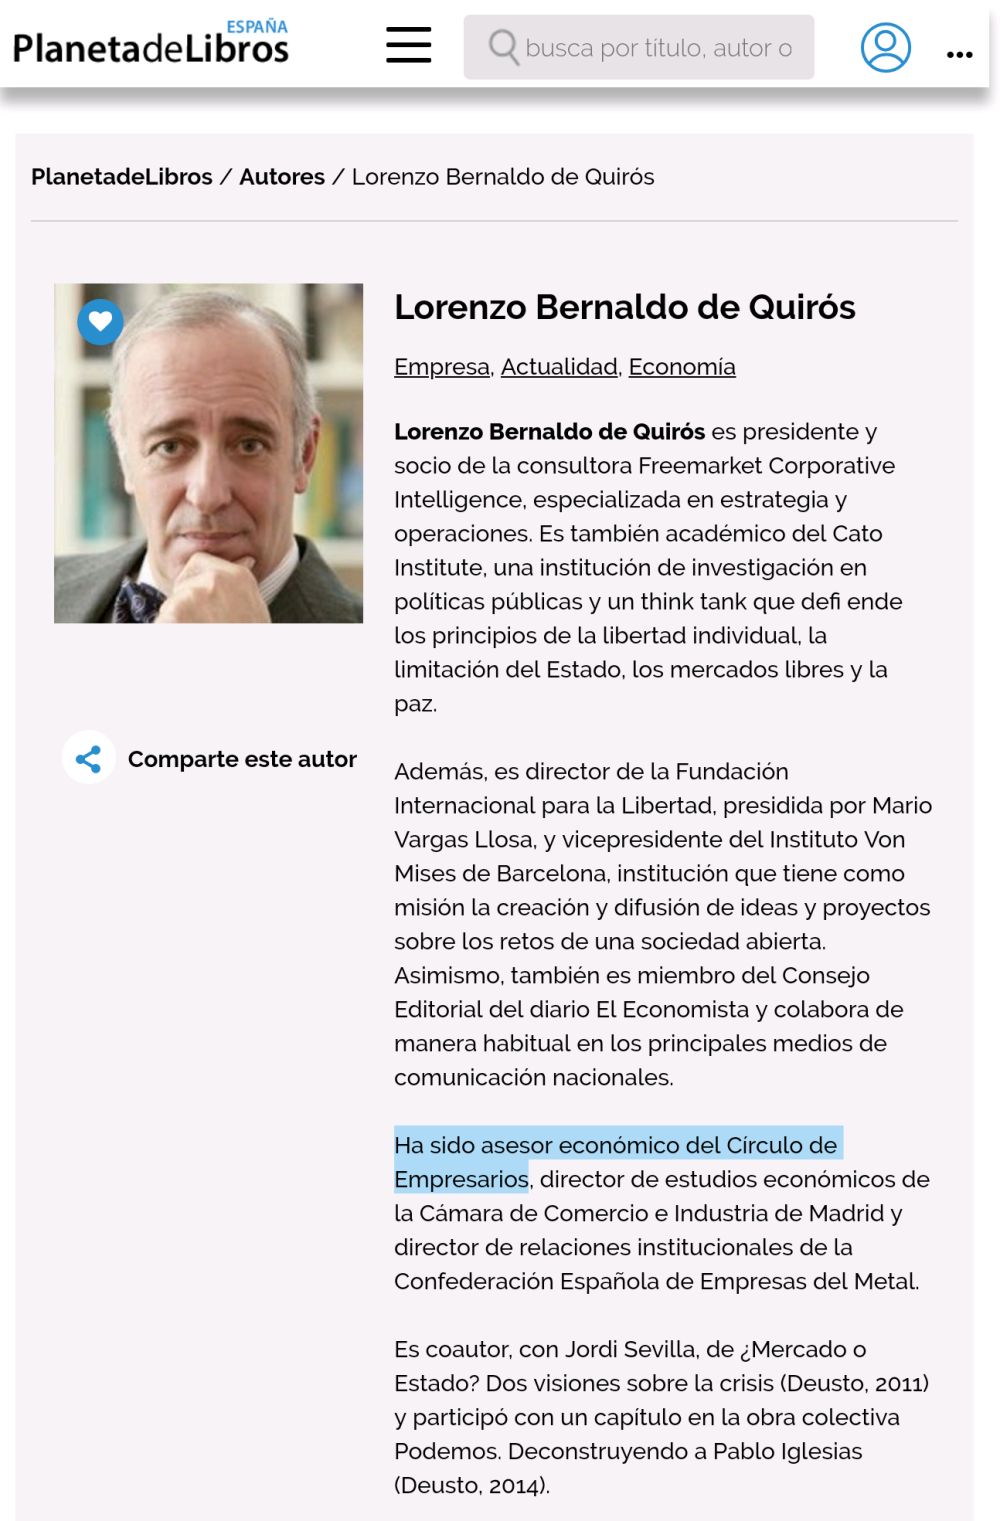 67eb7474dbf Las preferencias de Bernaldo de Quirós también aparecen reflejadas en las  recomendaciones de gigantes financieros como JP Morgan